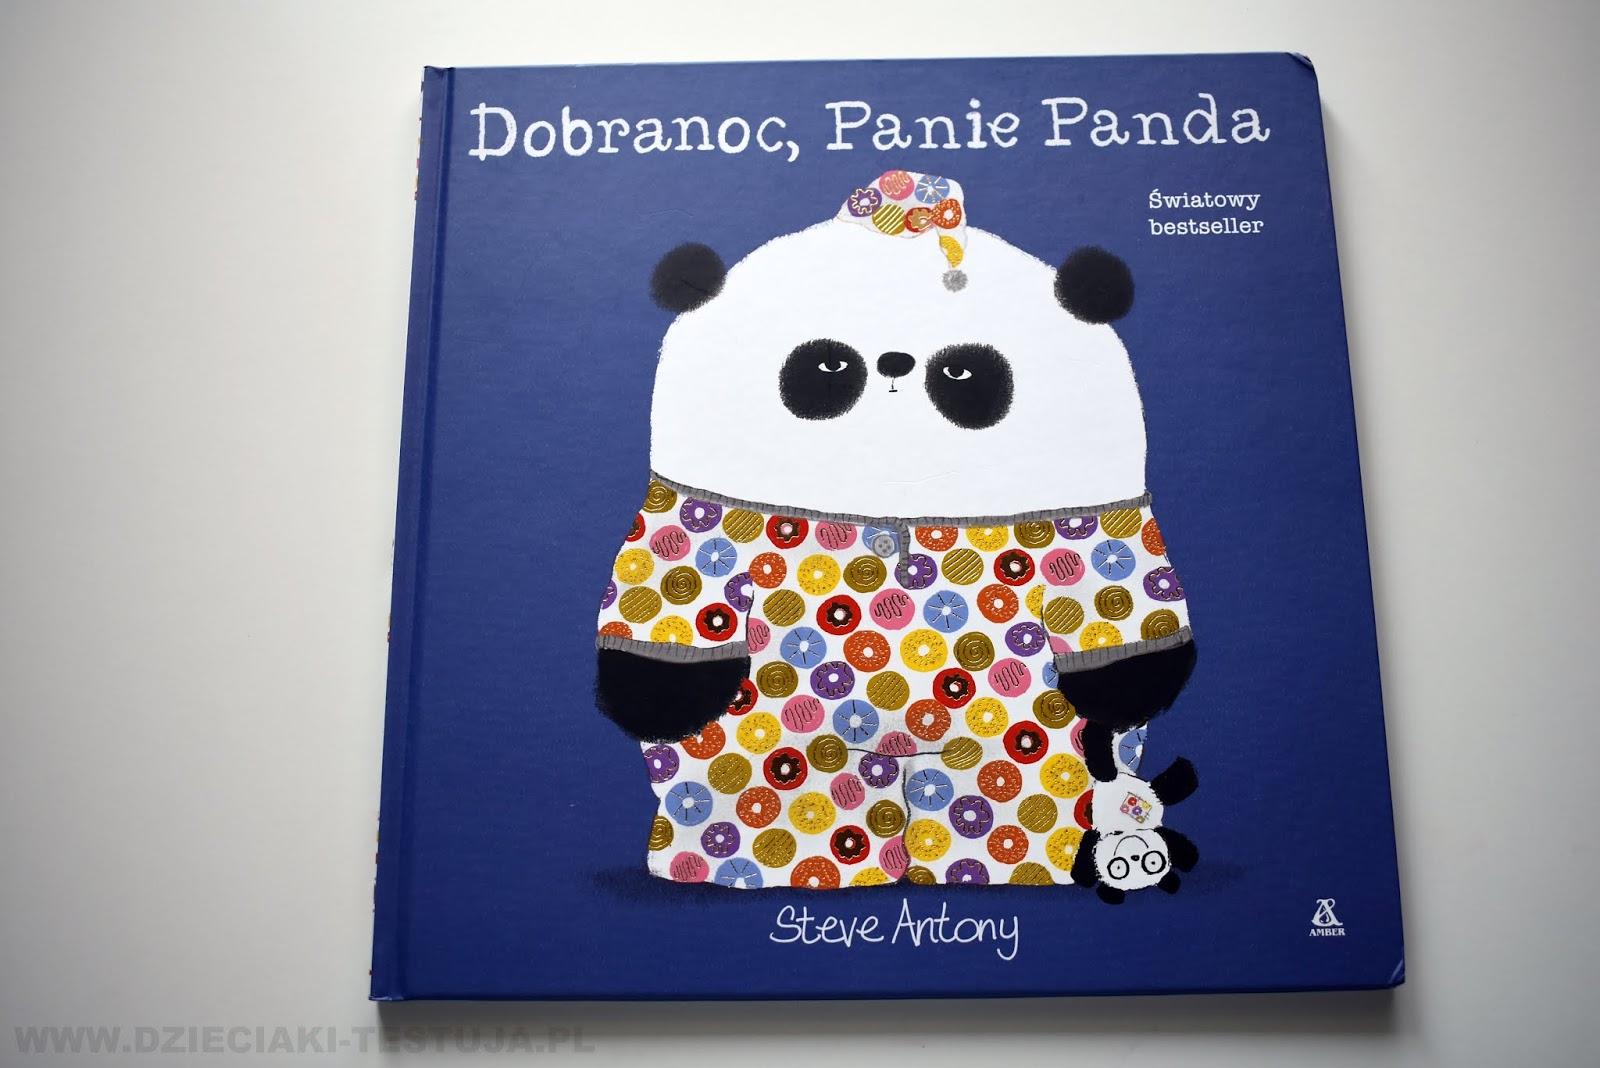 Dobranoc Panie Panda Książki Przed Snem Dzieciaki